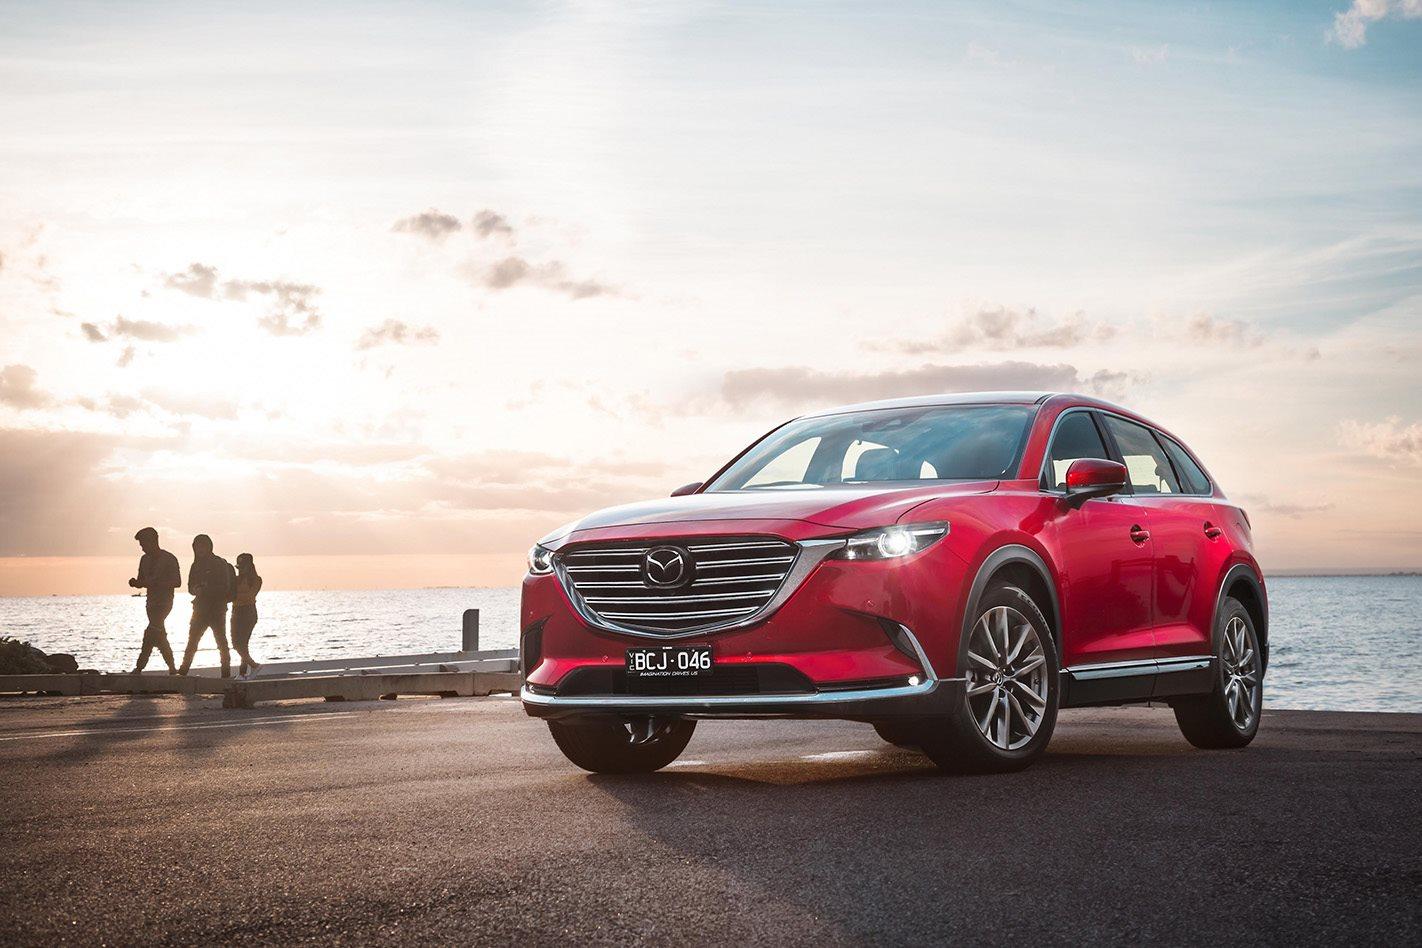 2020 Mazda Cx 9 Update Revealed